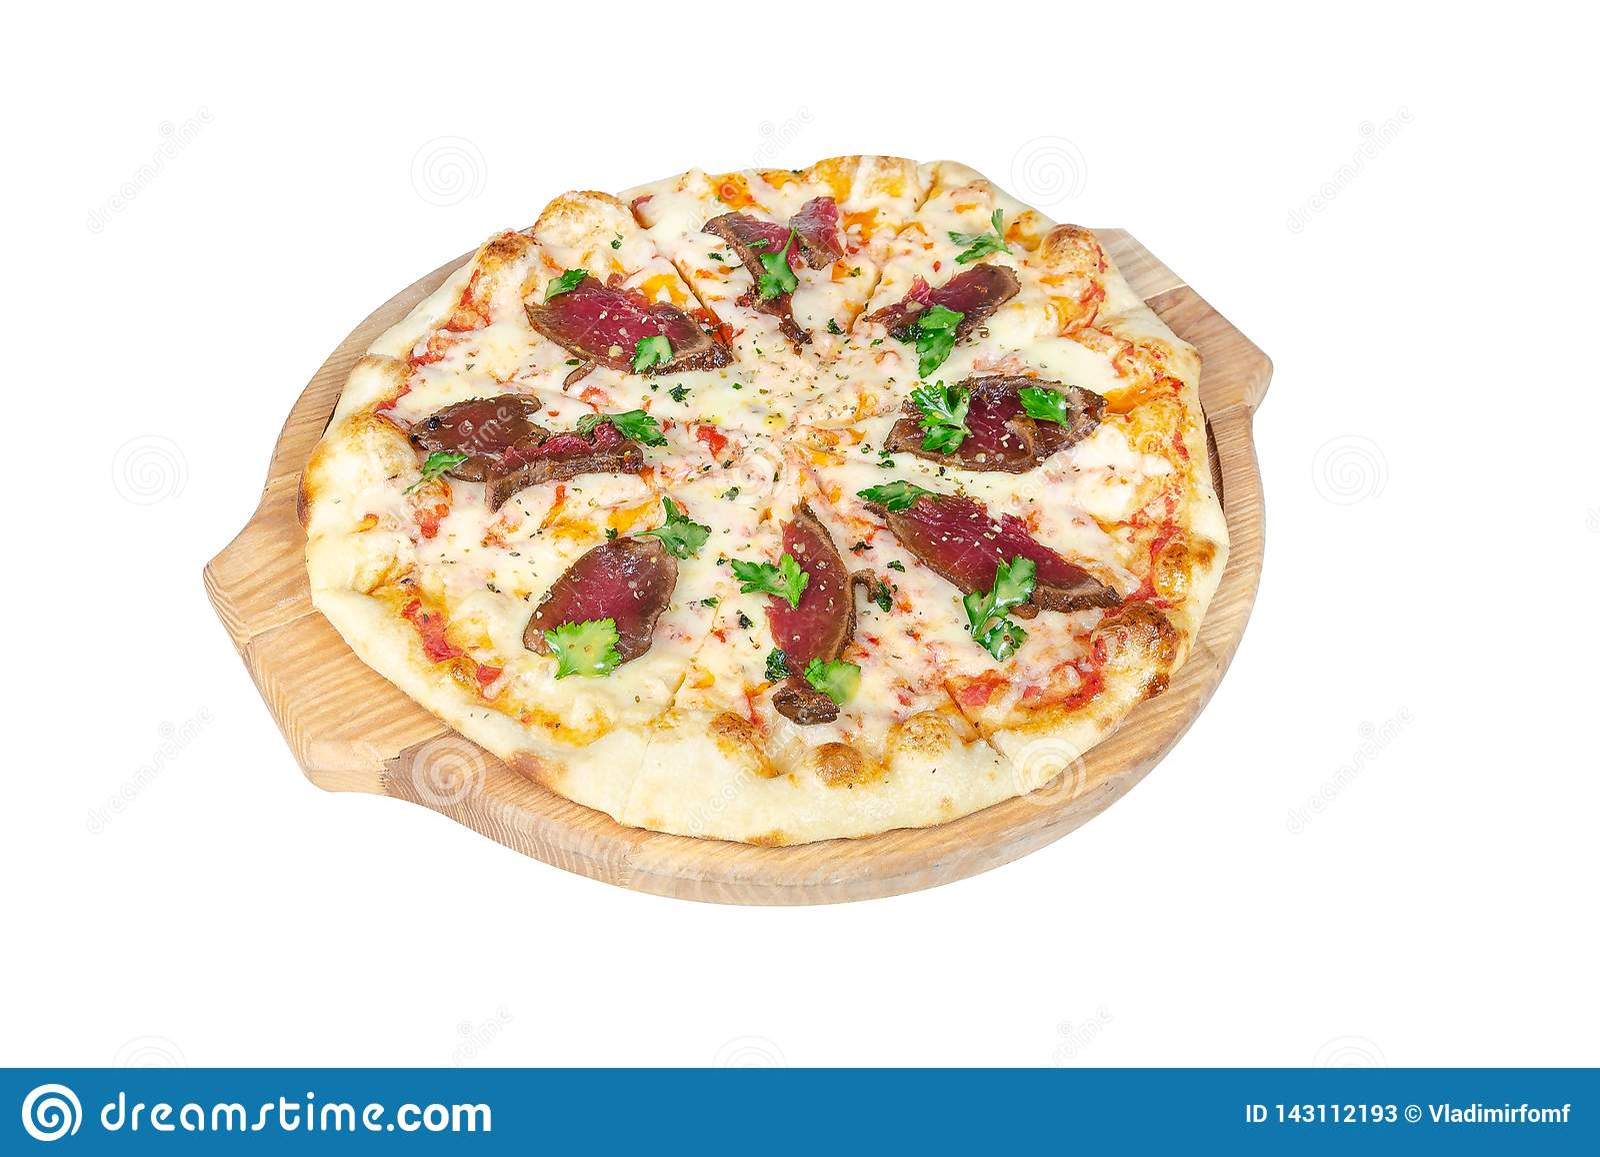 Pizza con rosbif, queso y verdes en una tabla de cortar redonda aislada en el fondo blanco